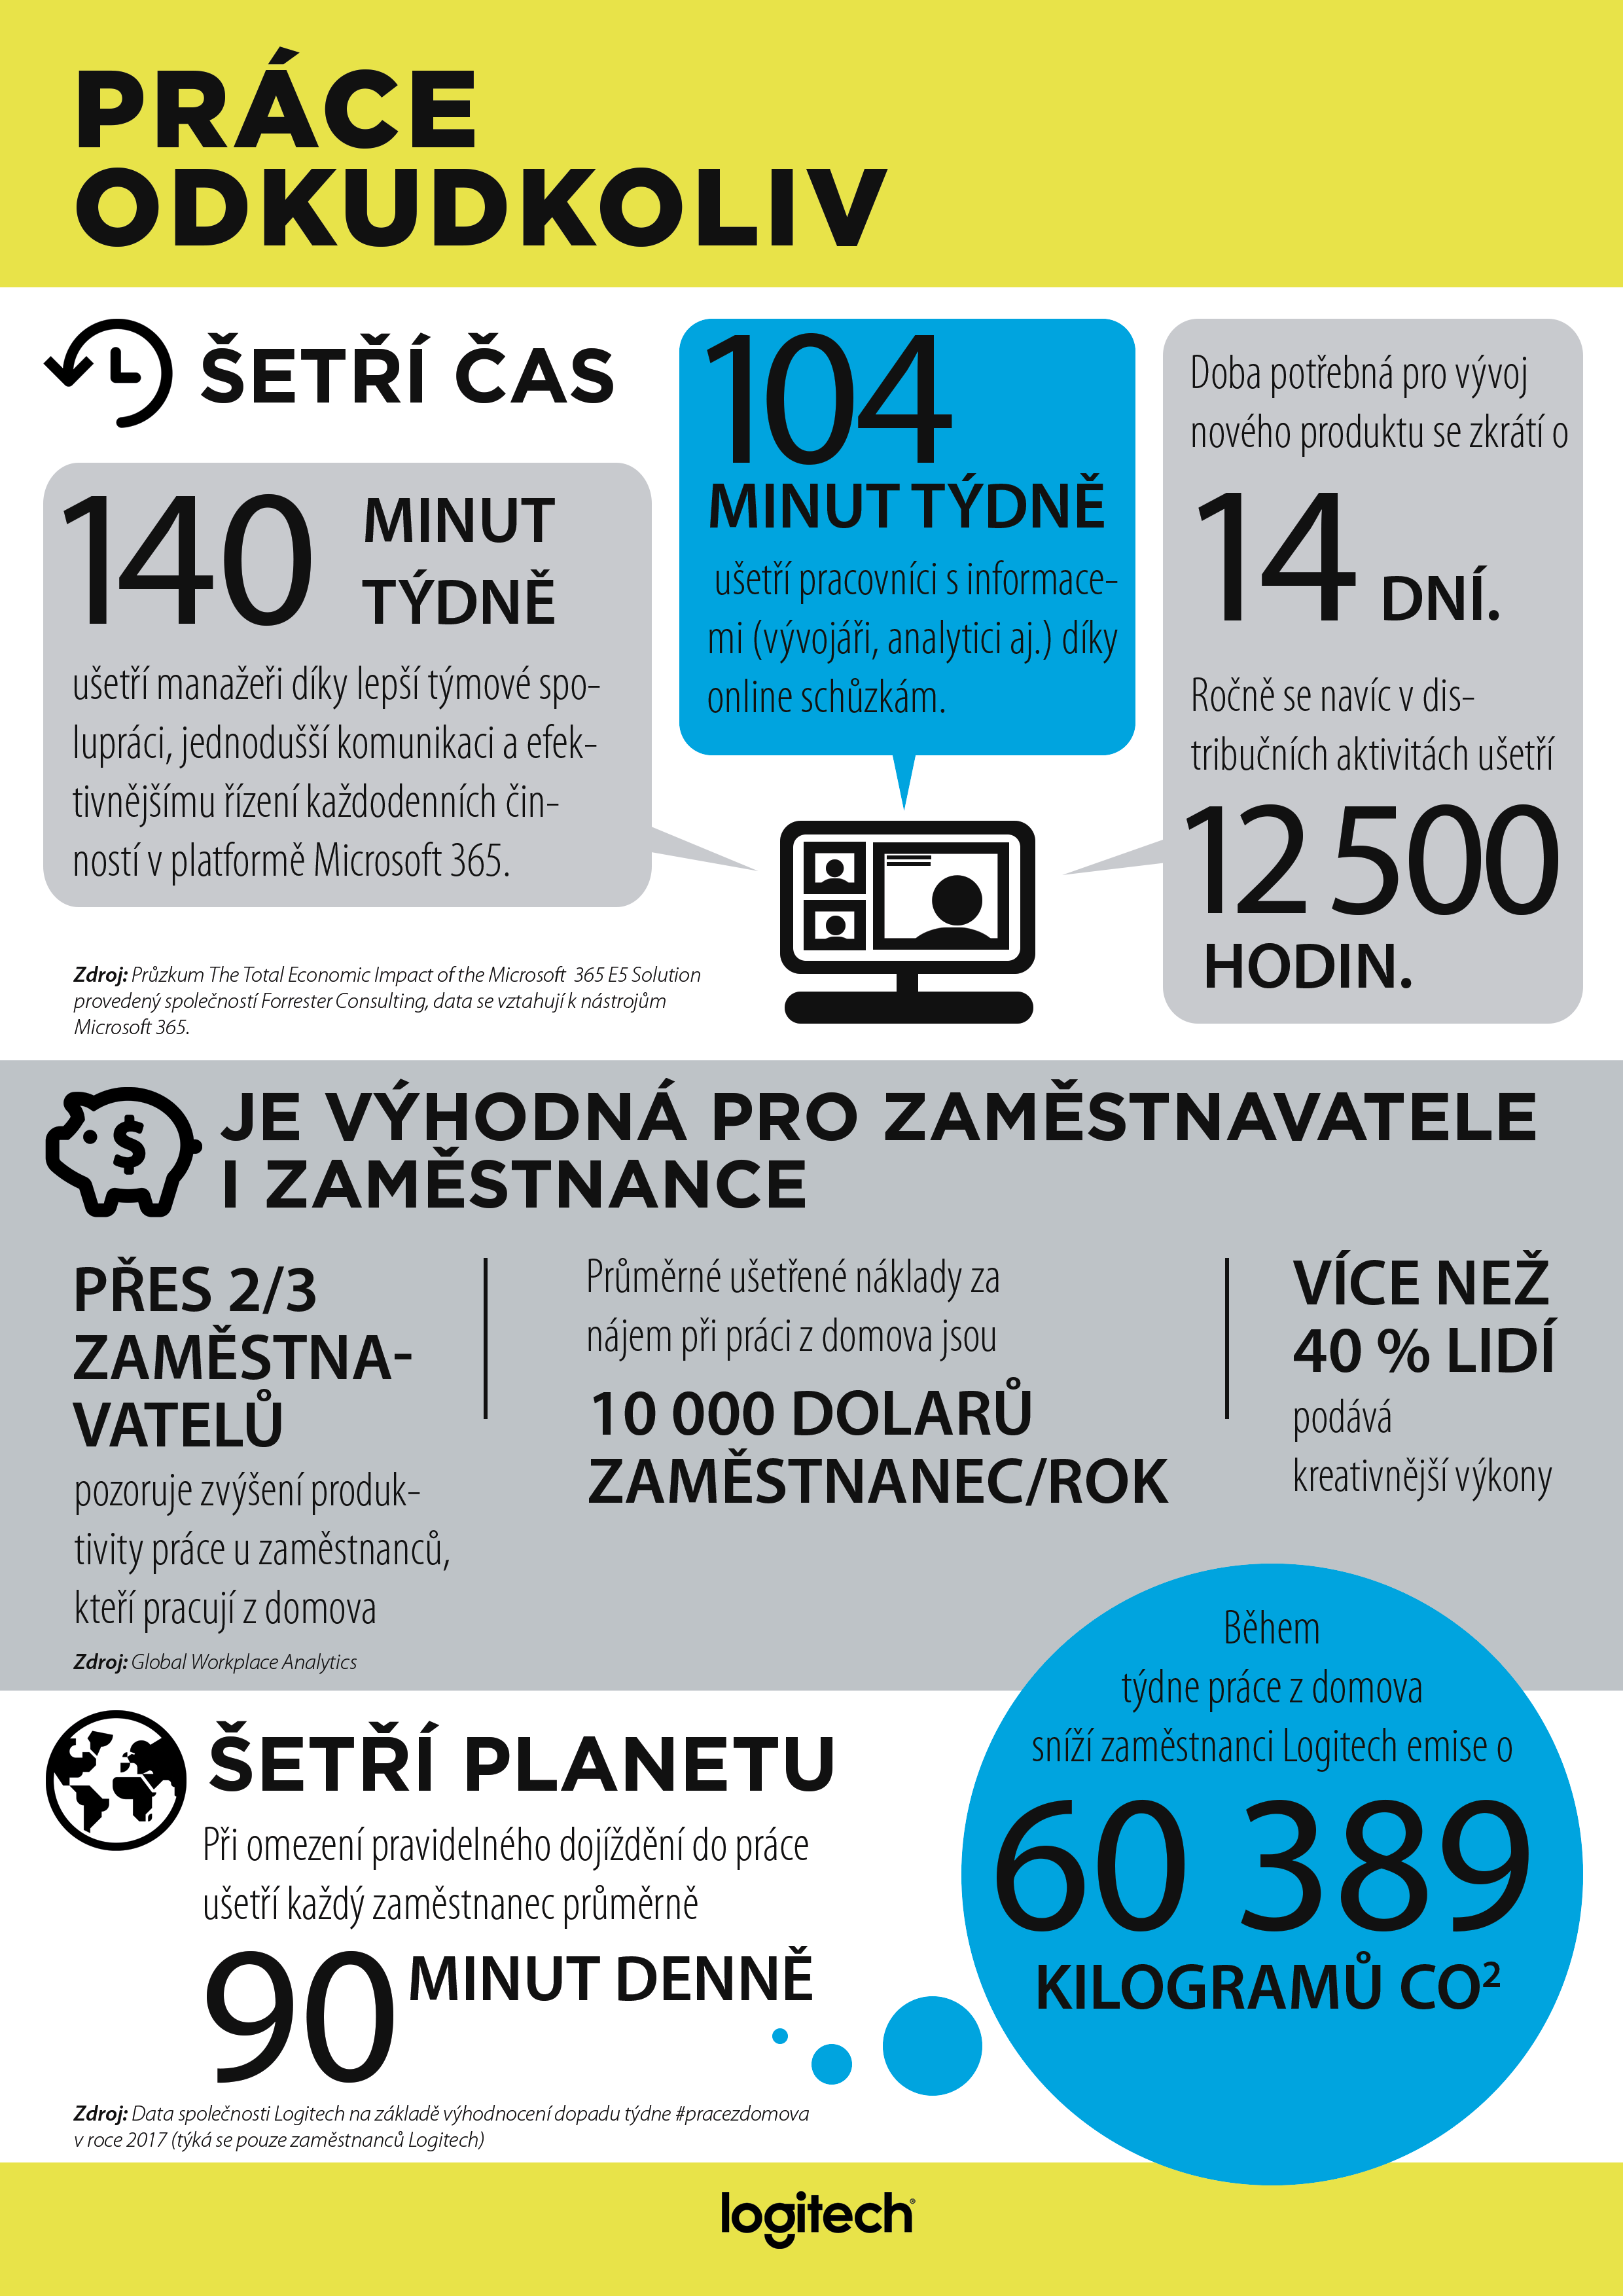 infografika-prace-odkudkoliv-png